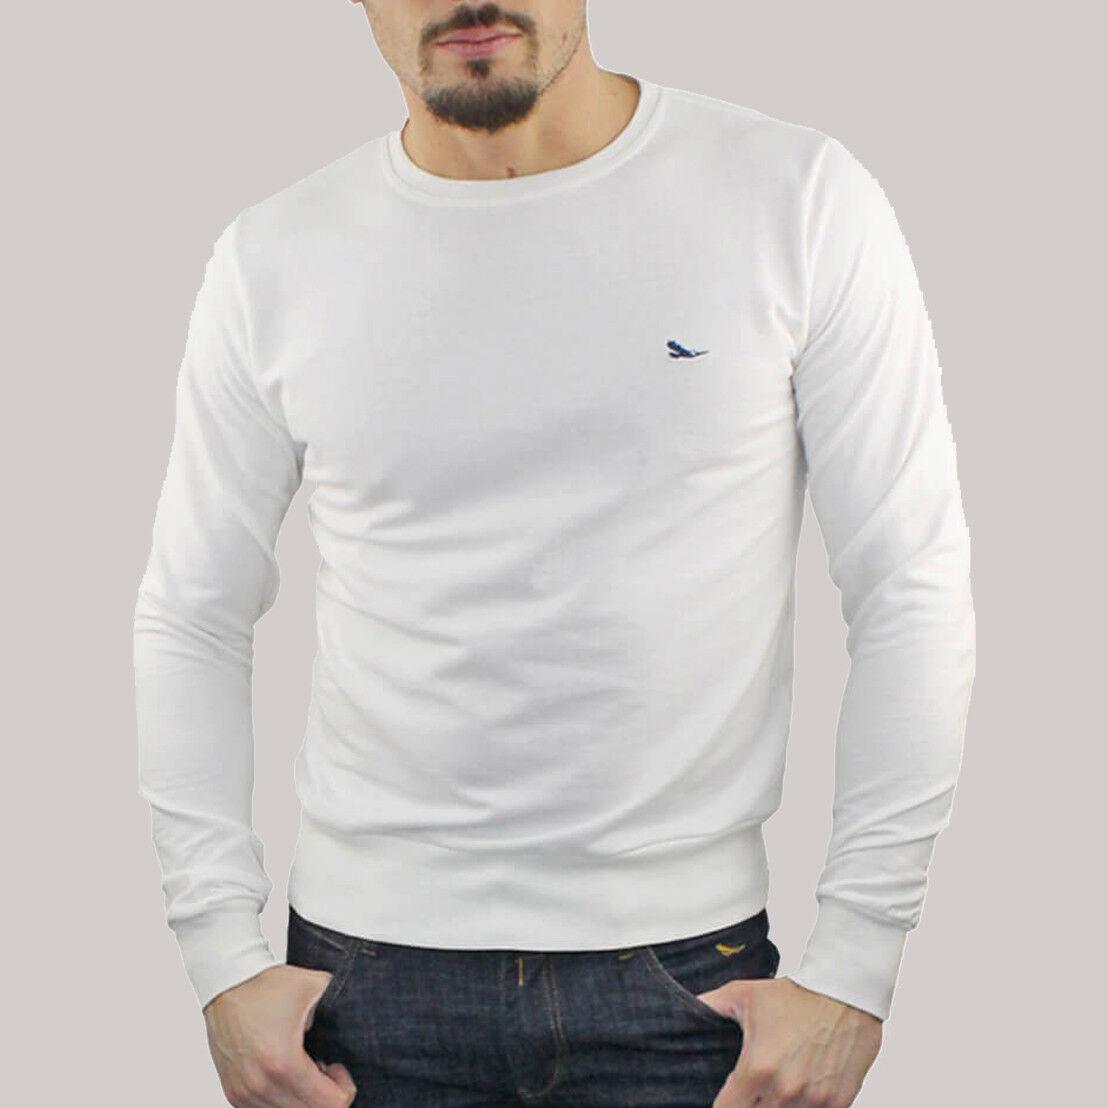 Felpa Uomo Girocollo Maglia Polo Casual Cotone T-shirt RDV